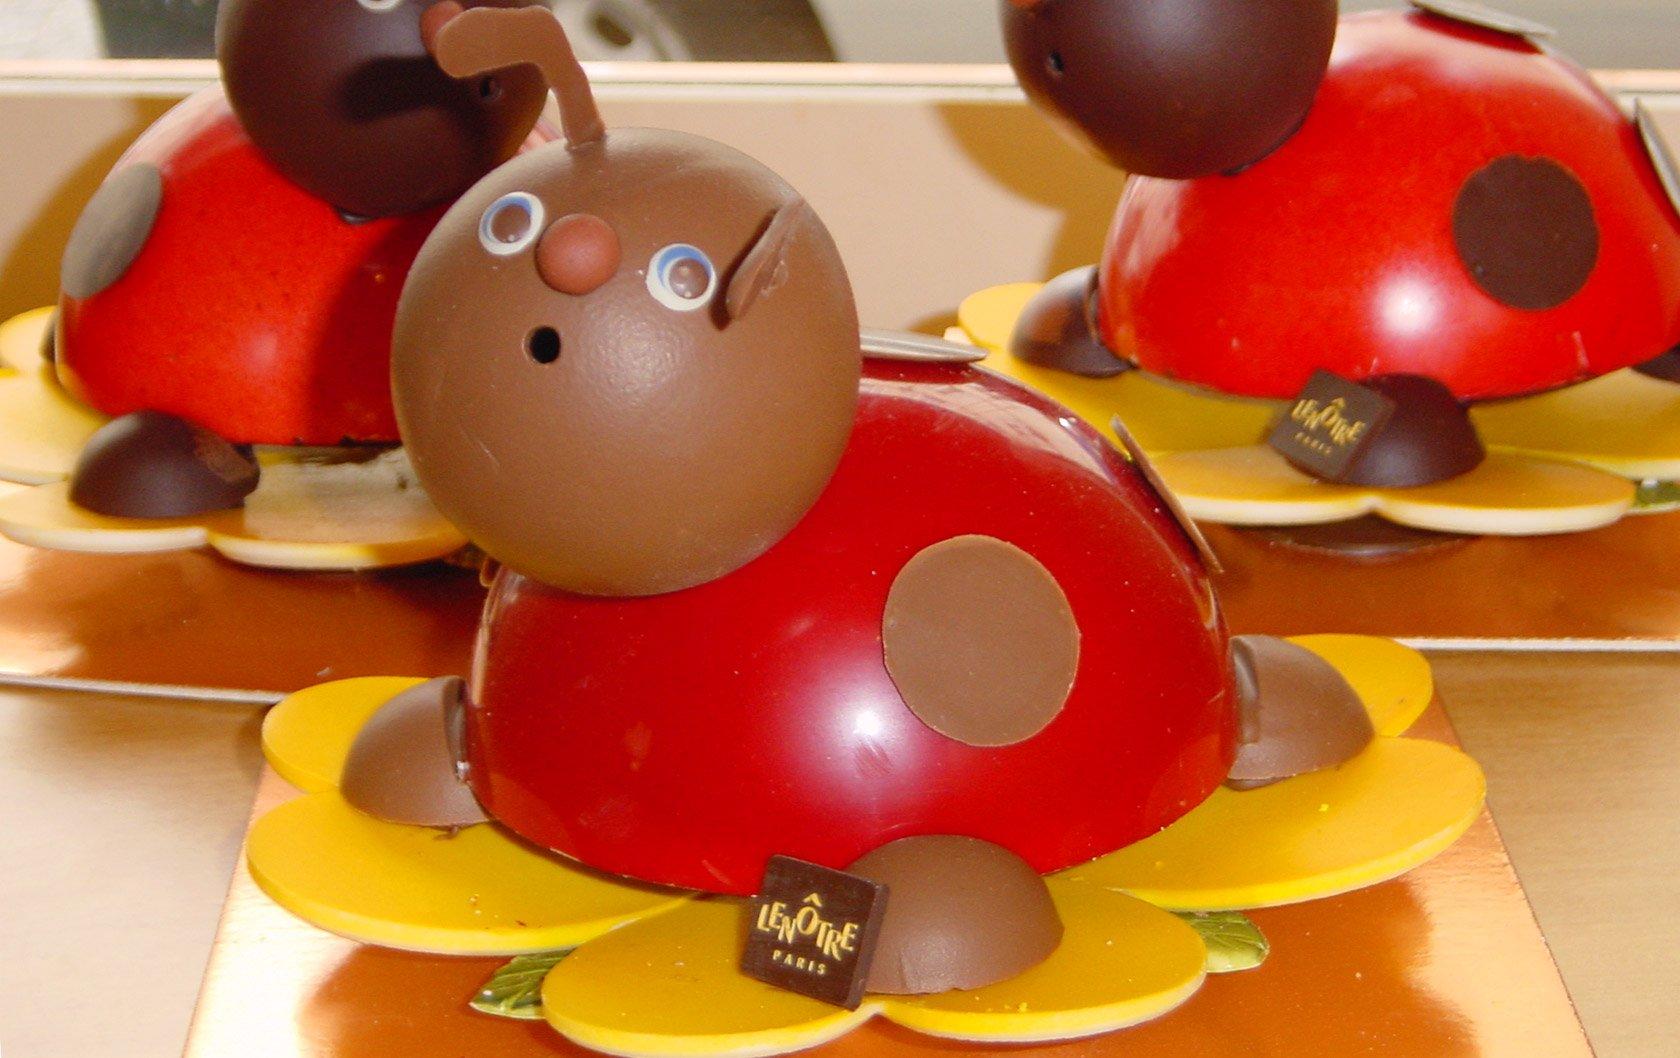 pastries-ladybugs-lenotre-paris